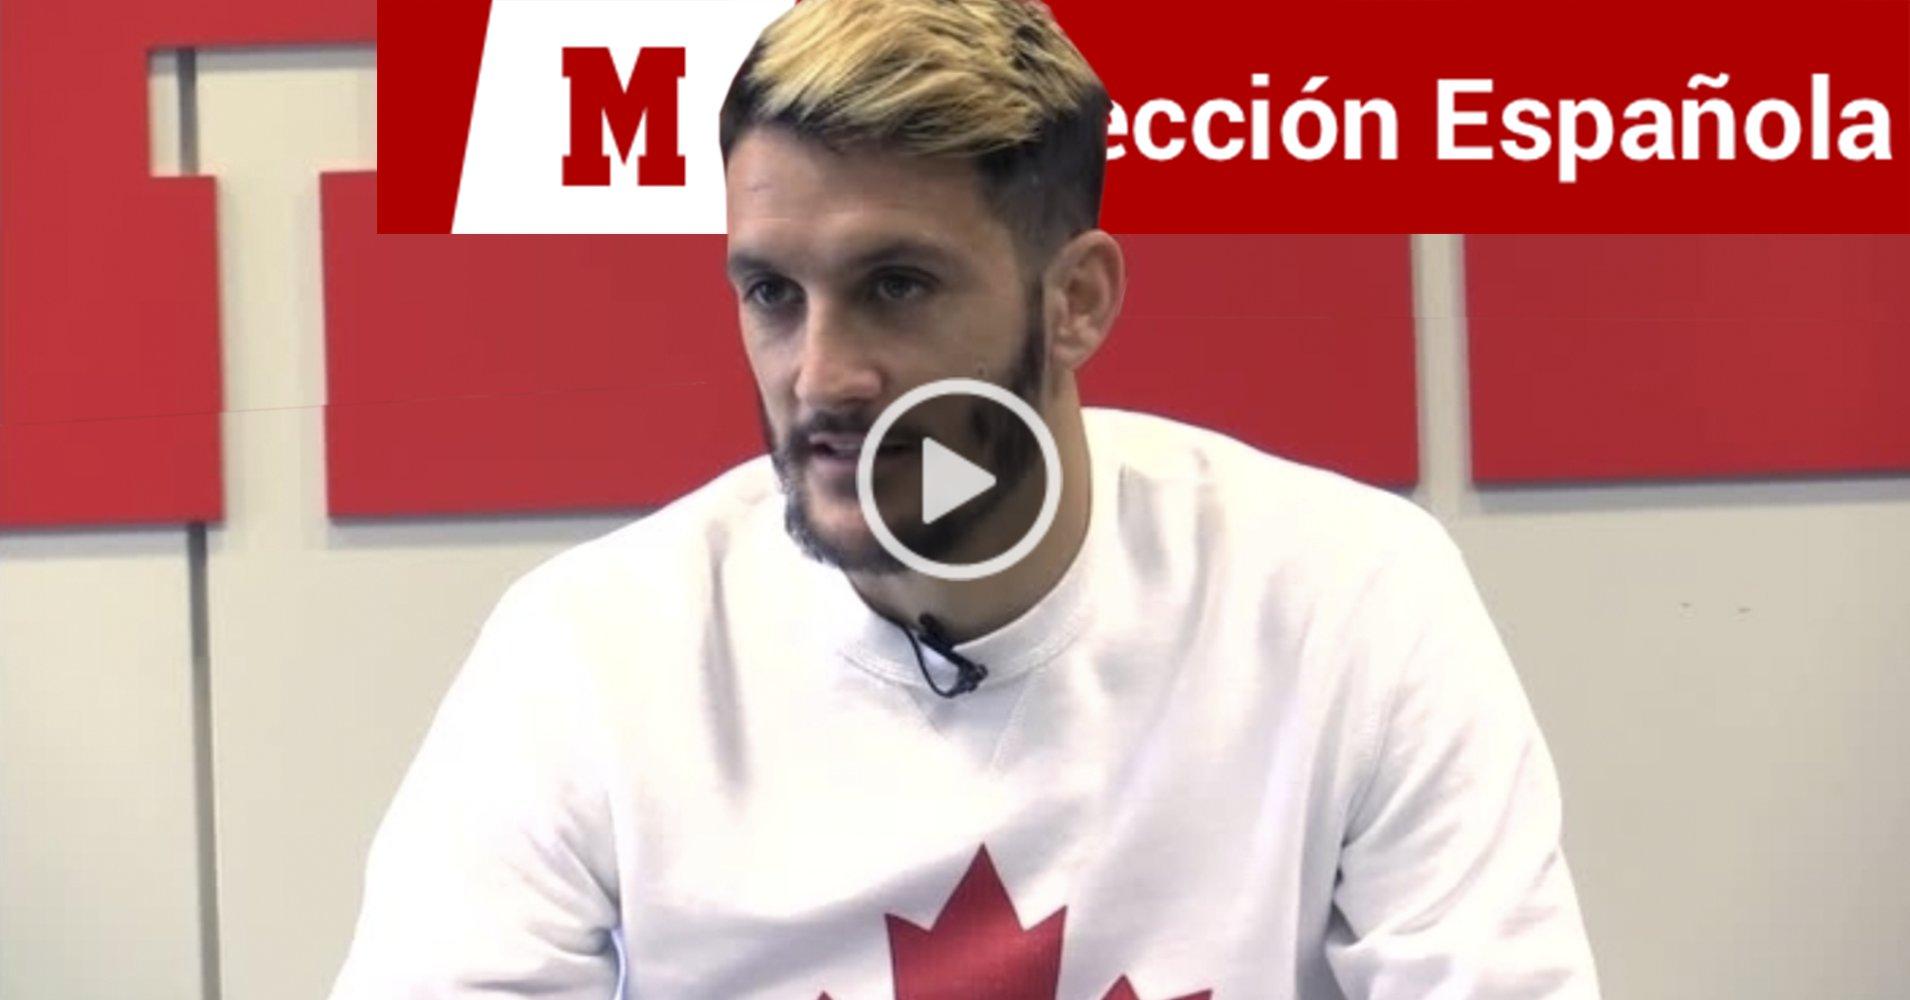 Marca - Luis Alberto a la Seleccion Espanola de Futbol